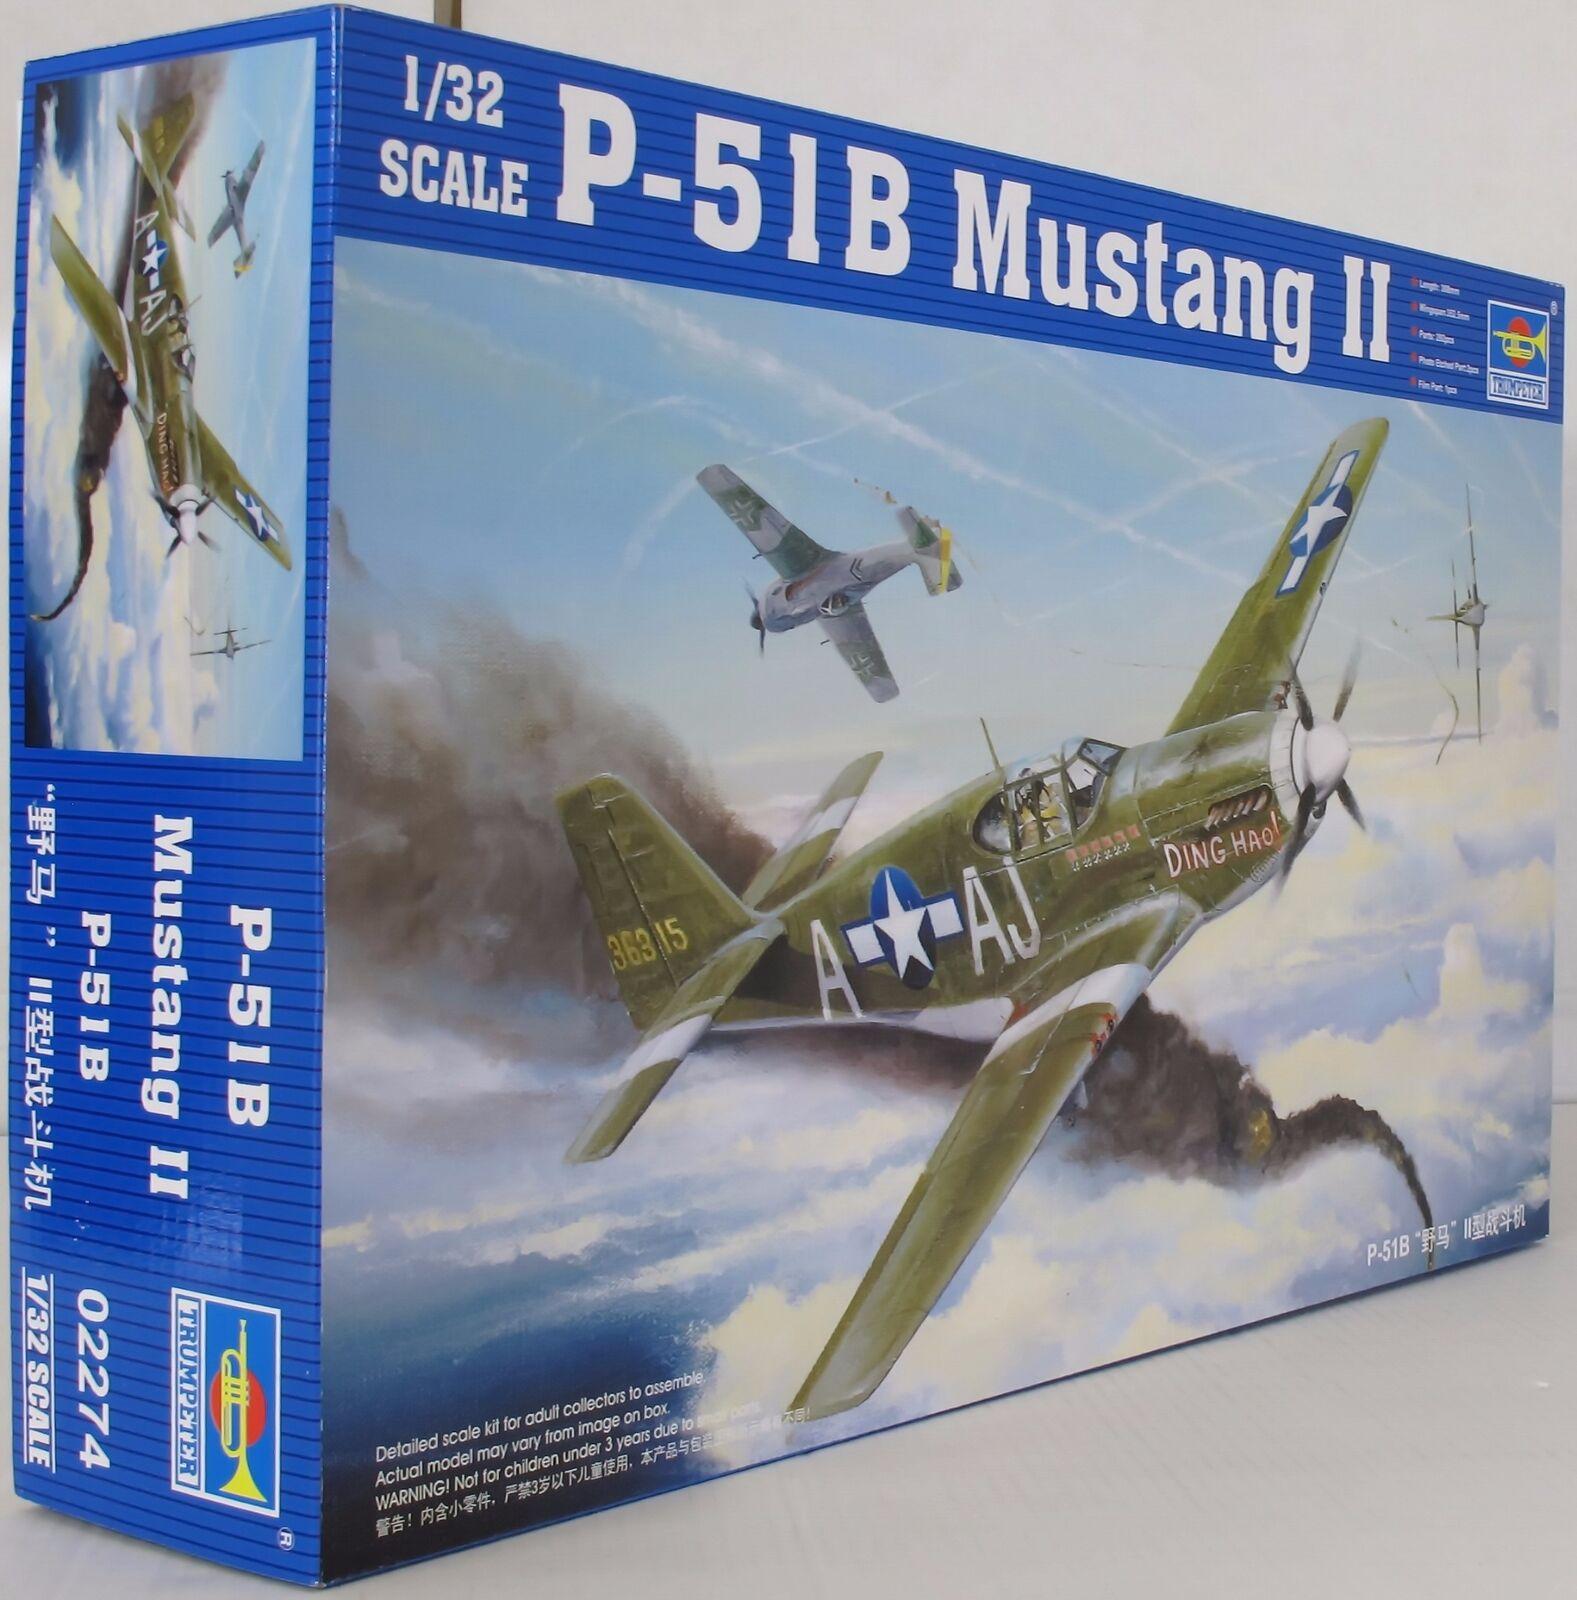 02274 1 32 Escala Modelo Avión P-51 B Mustang Fighter Warplane avión Trumpeter